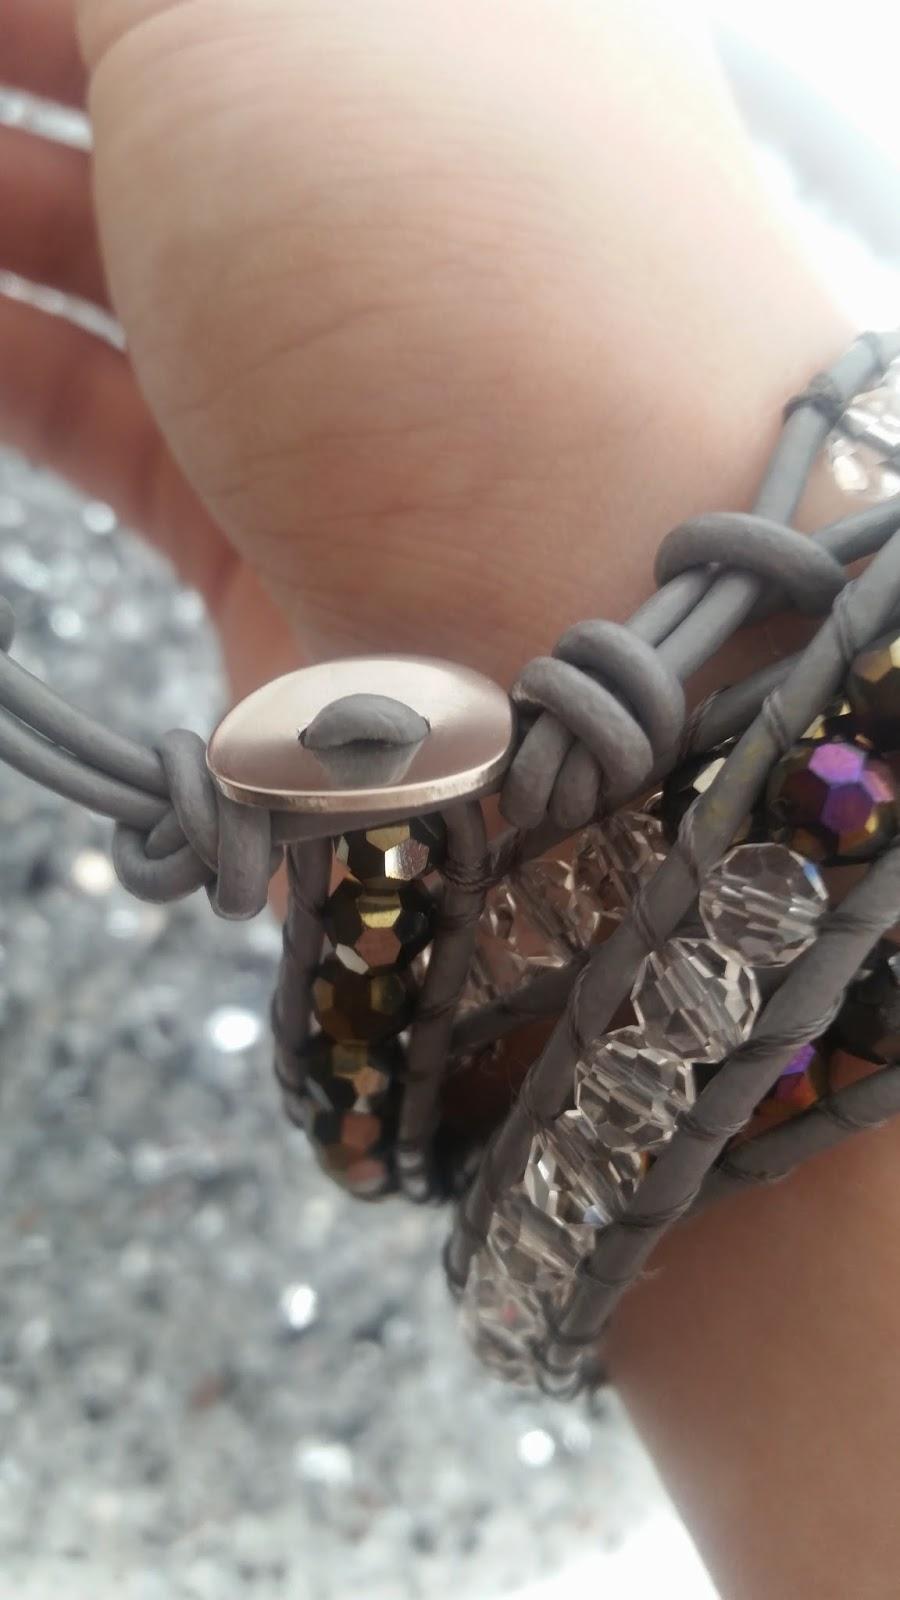 Armband mit Perlen - www.annitschkasblog.de